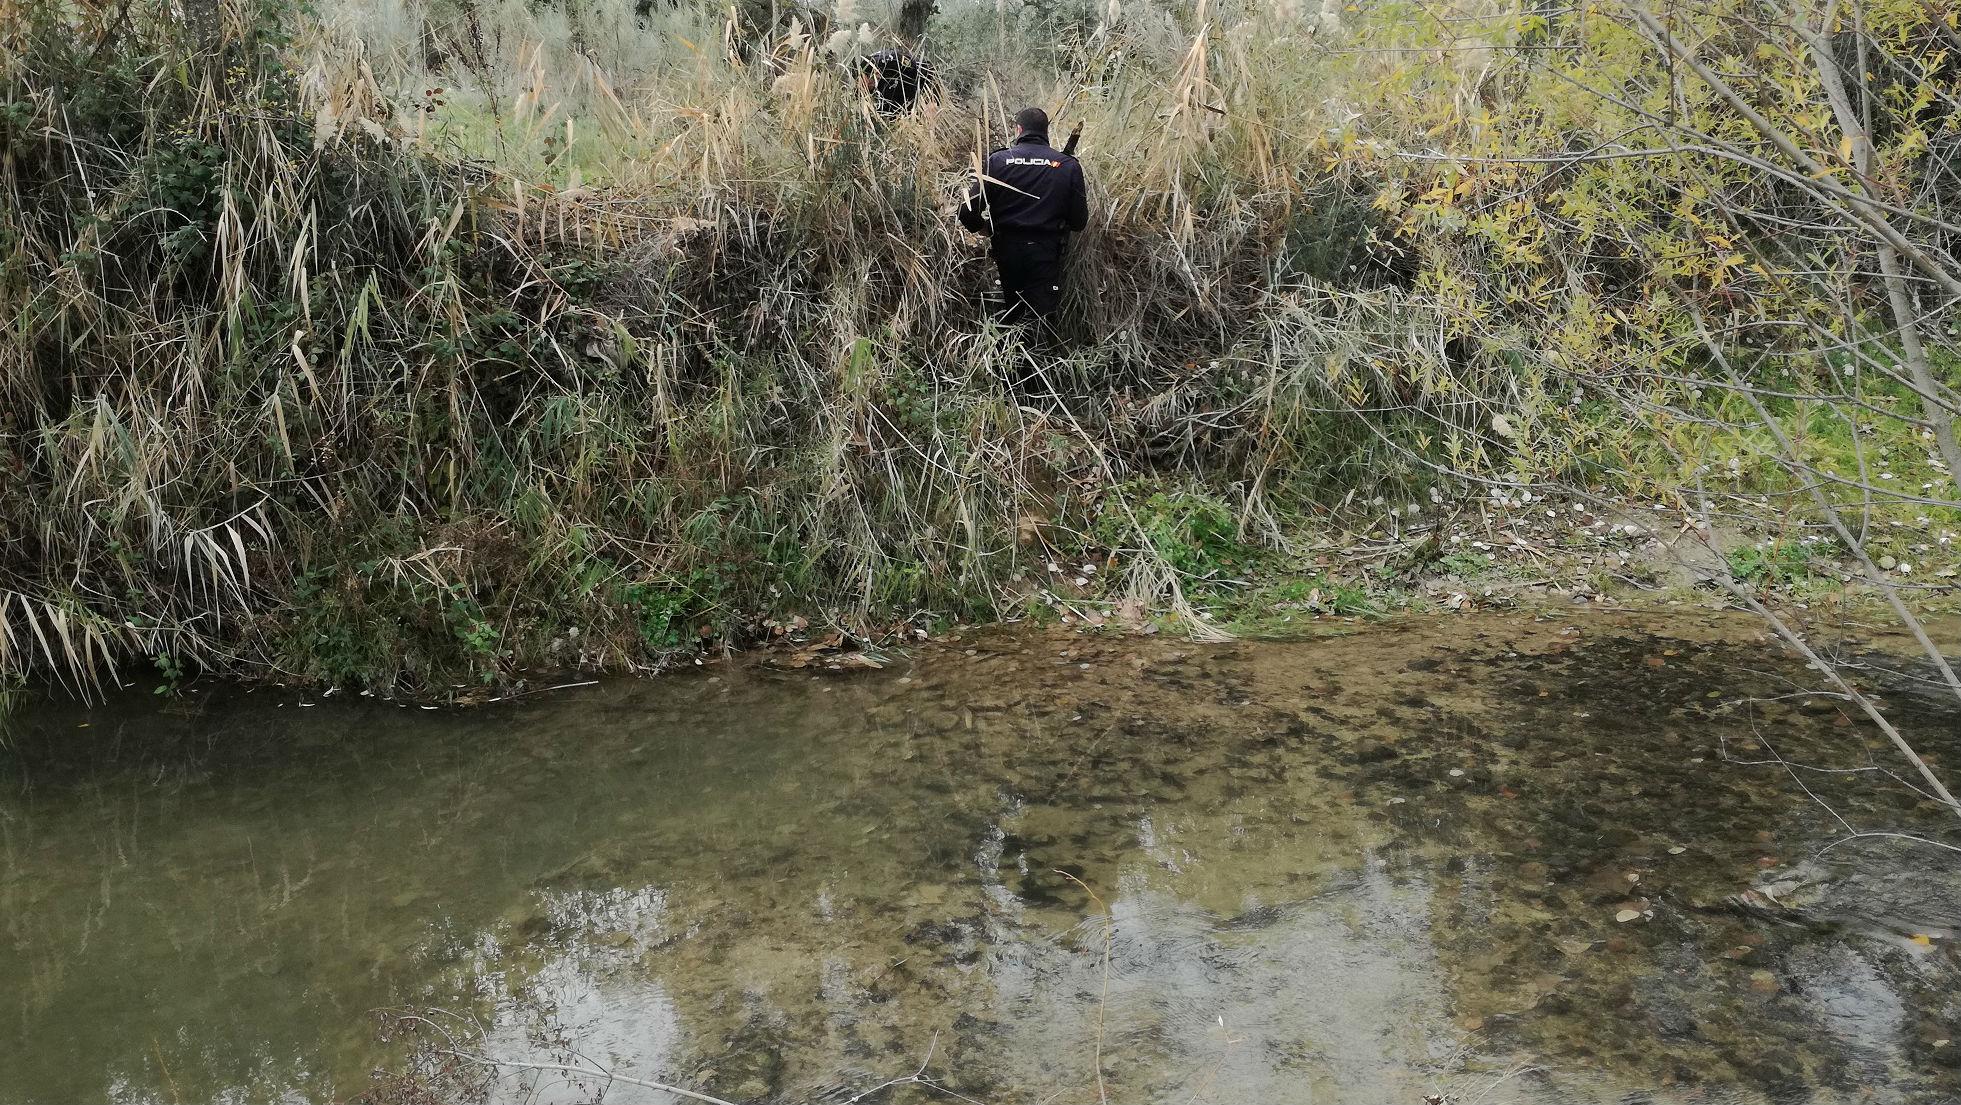 Un agente inspecciona la orilla del río Víboras en el marco de la operación.